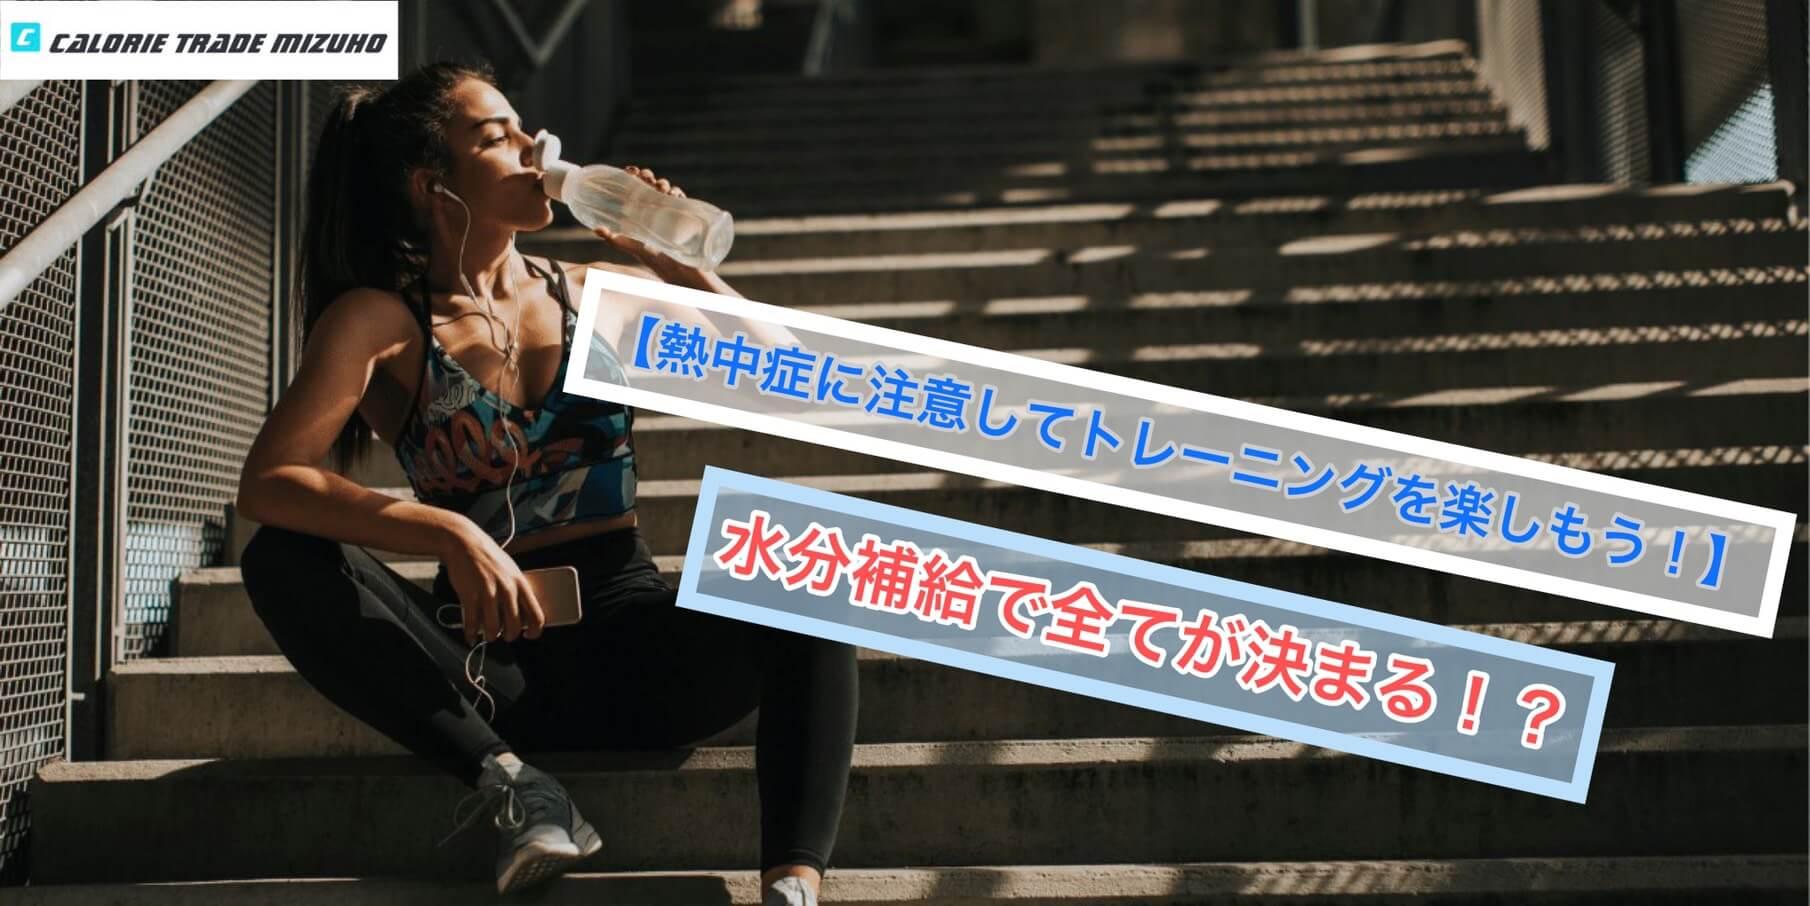 【熱中症に注意してトレーニングを楽しもう!】水分補給で全てが決まる!?